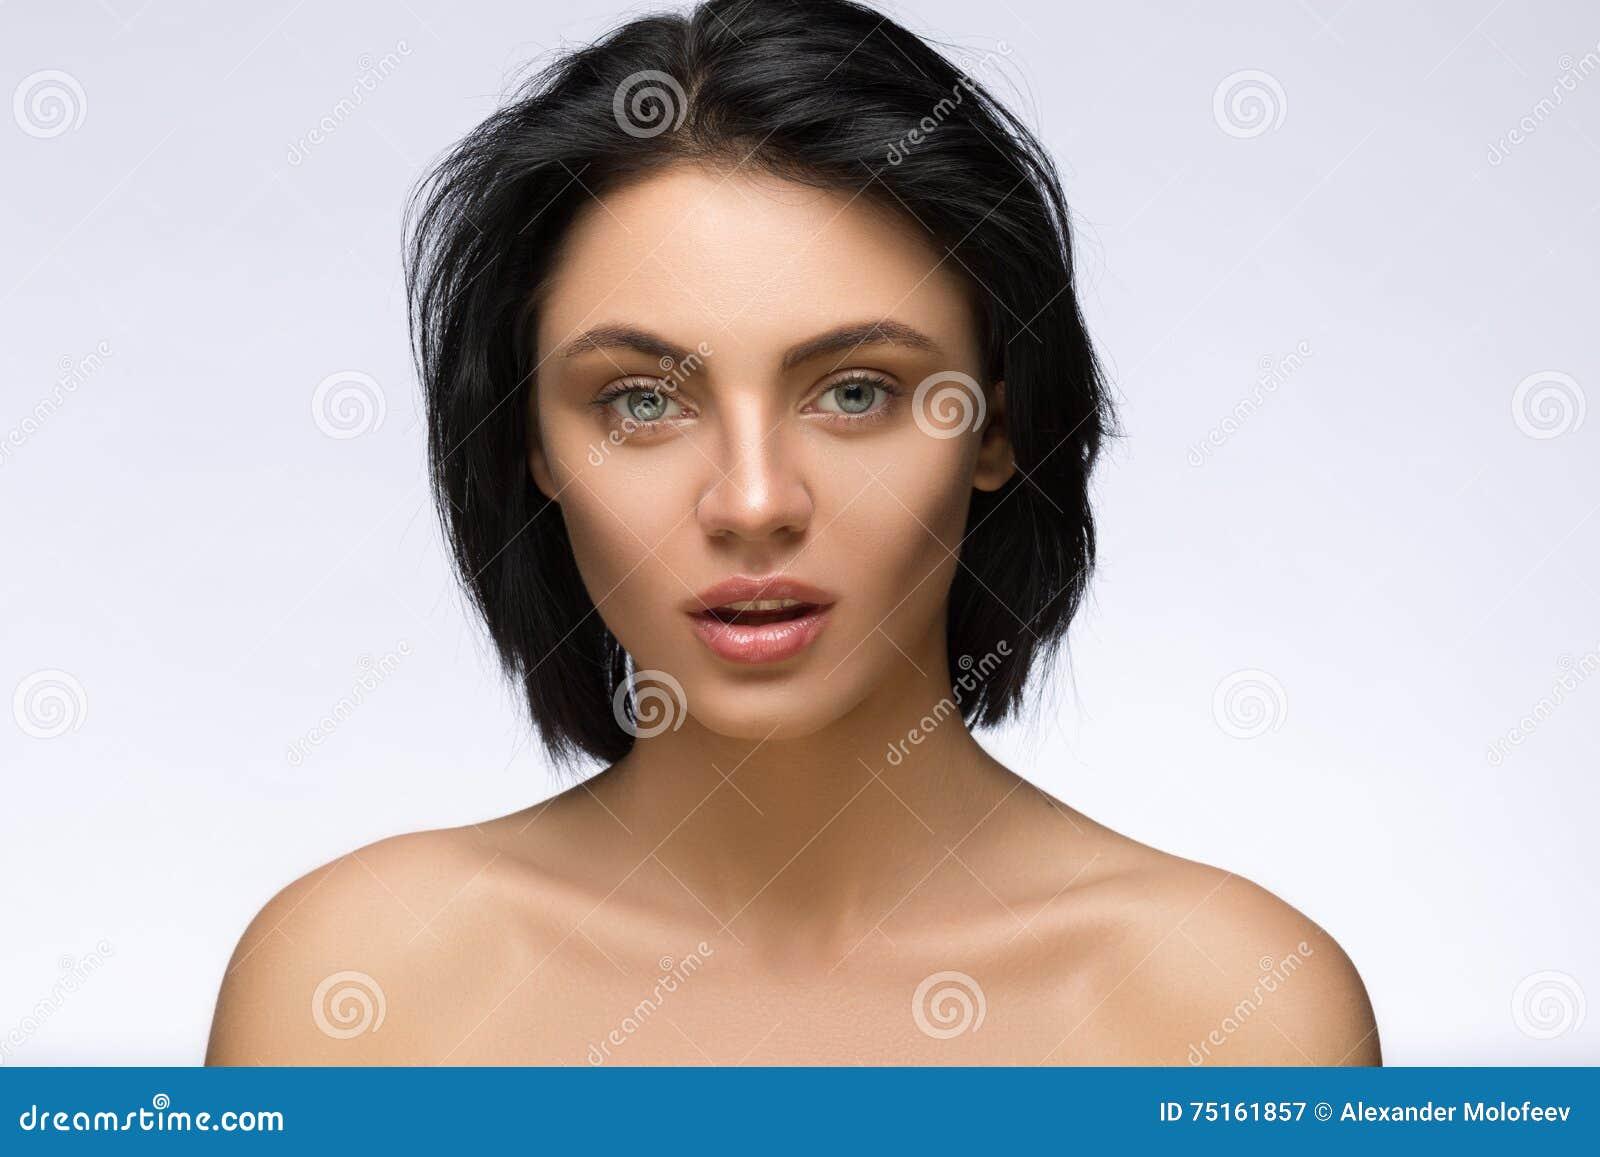 Franse Mode Modell Girl With Trendy Frisur Haarschnitt Stilvolles